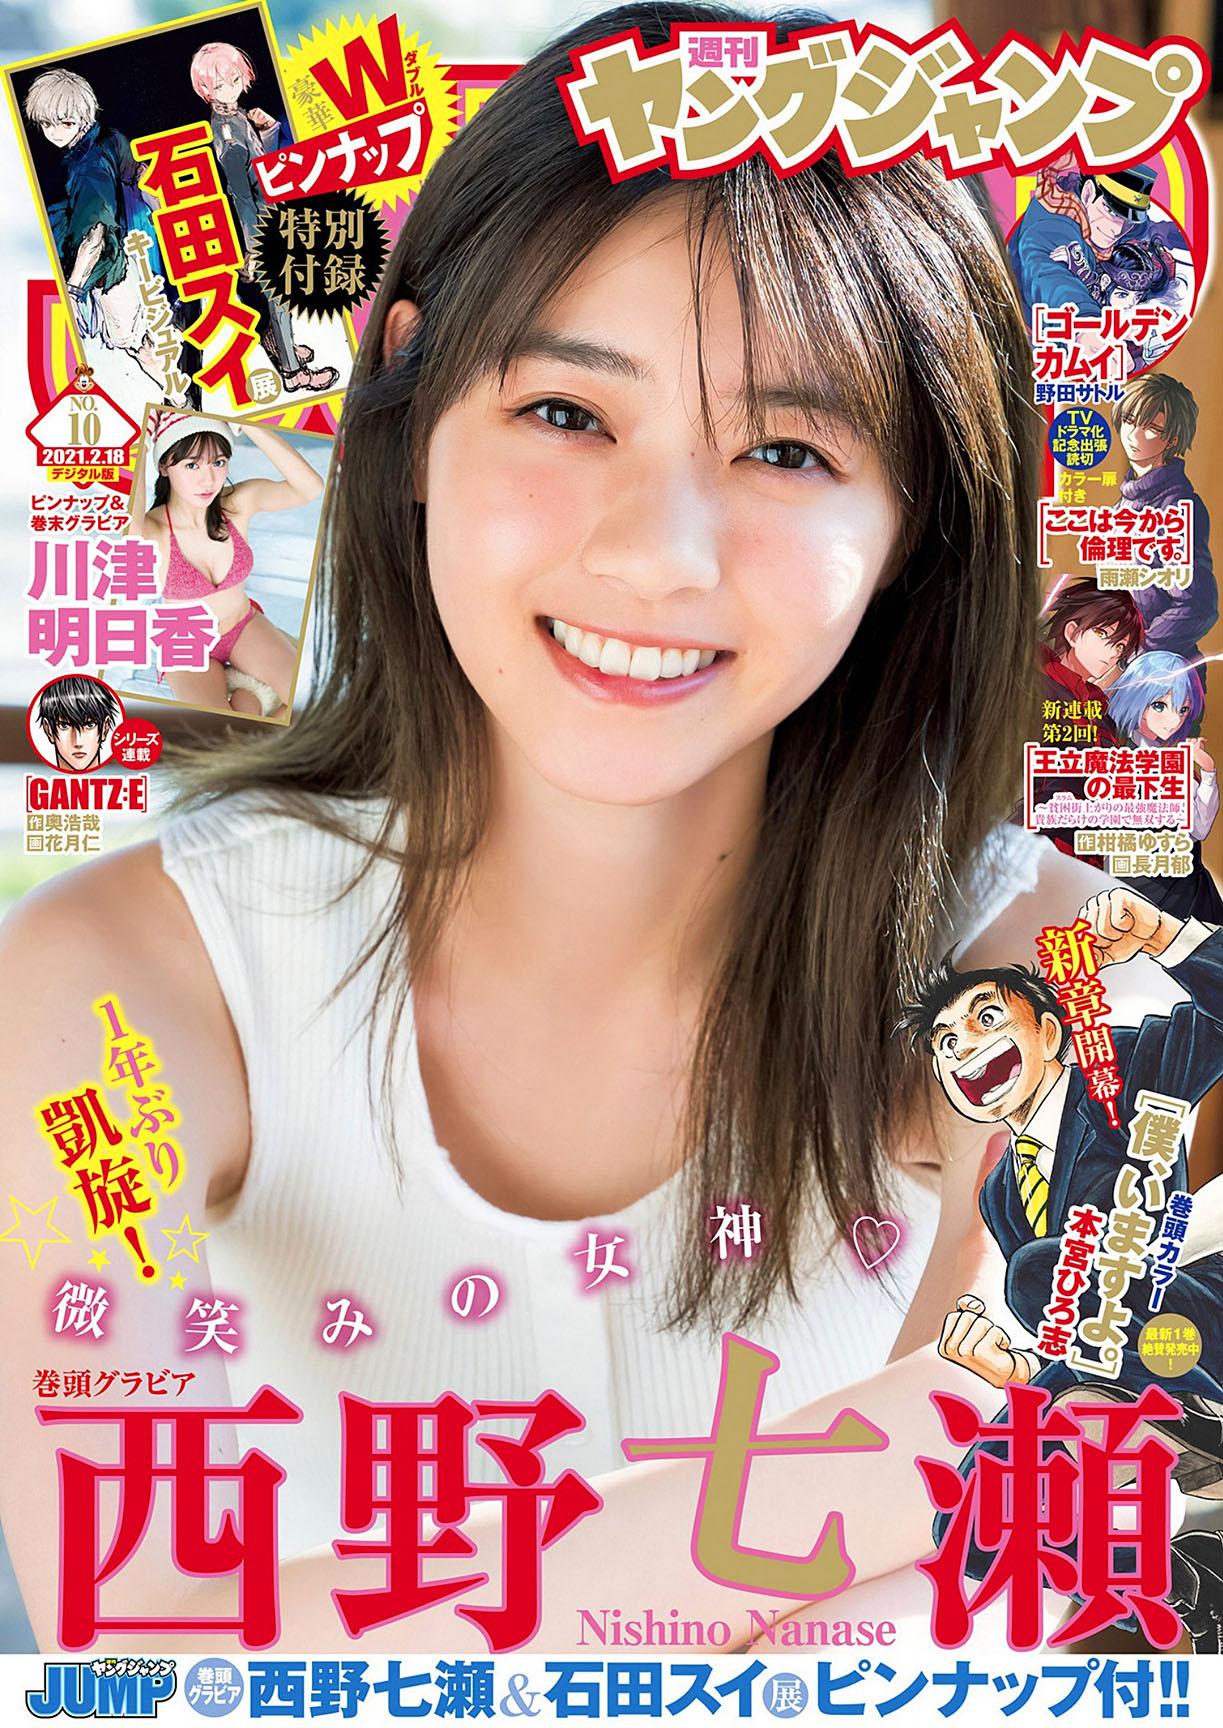 NNishino Young Jump 210218 01.jpg